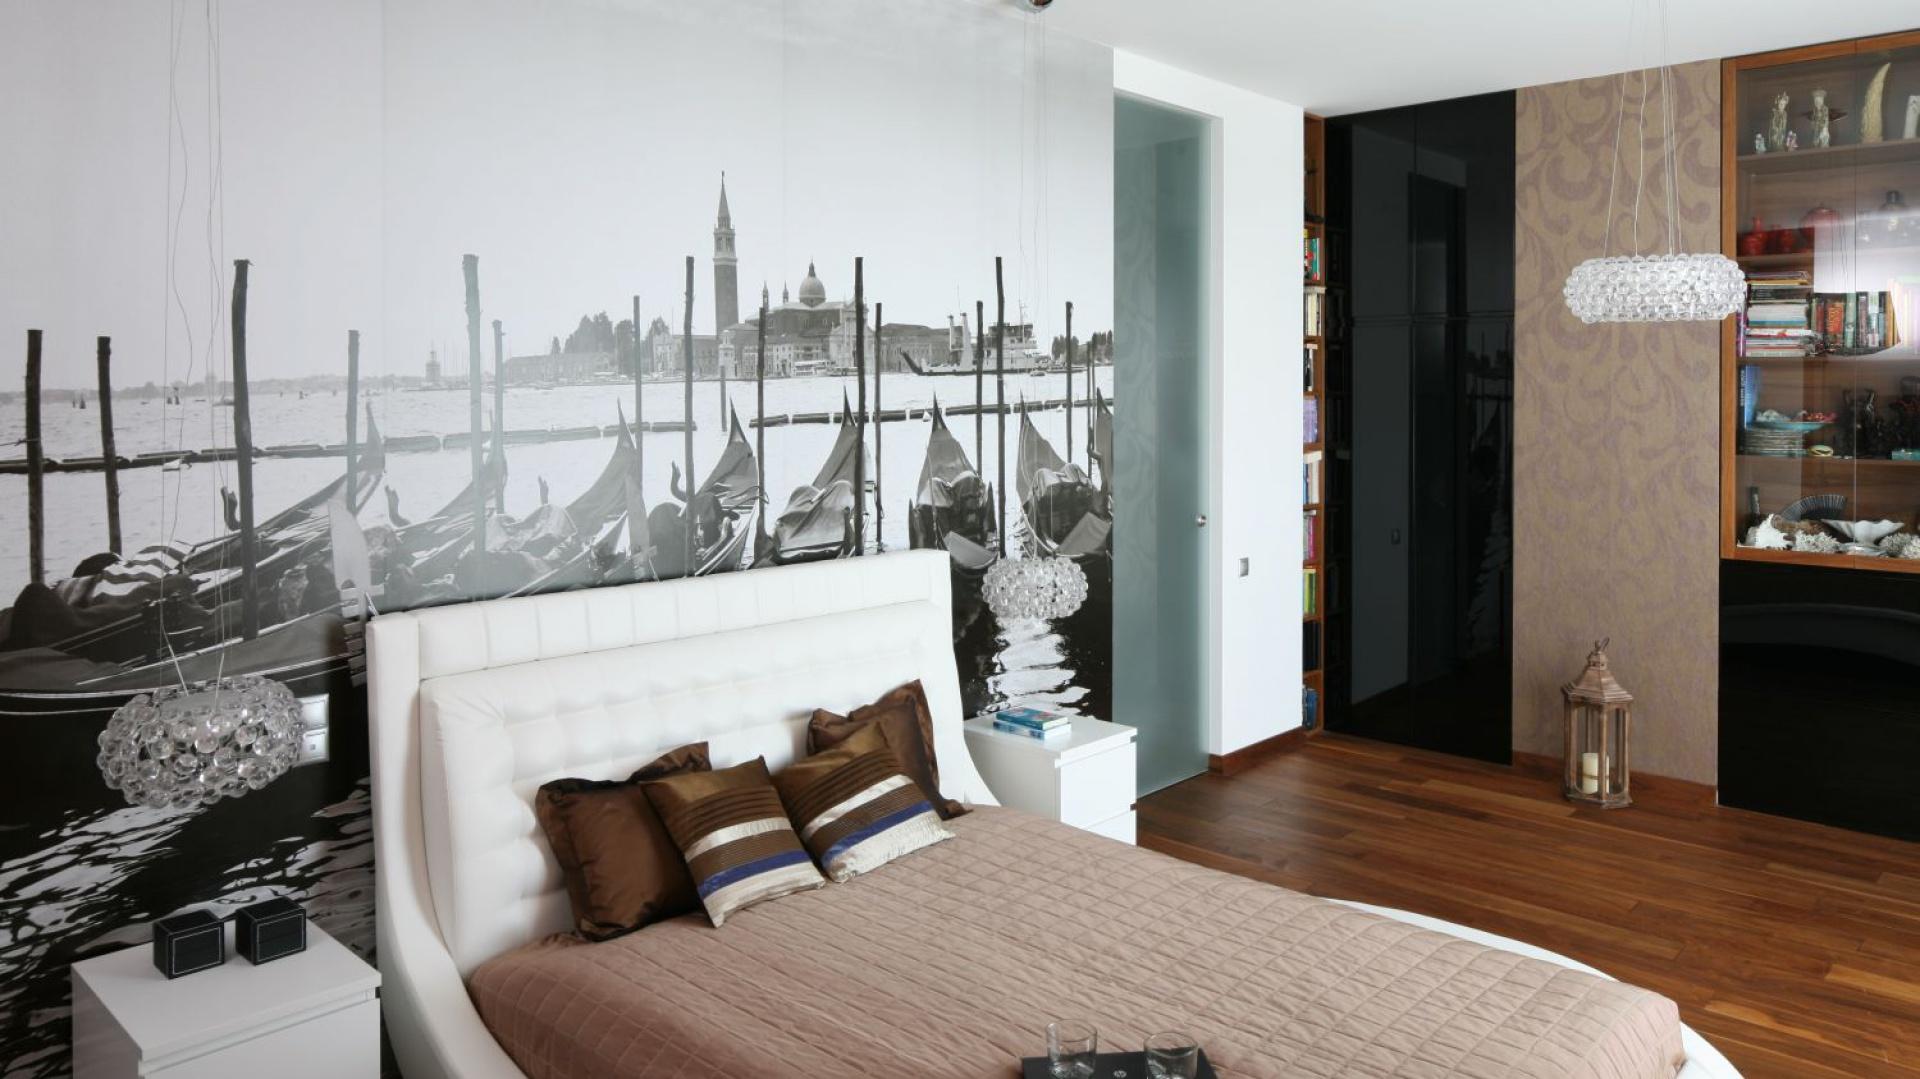 Aranżację sypialni zdominowały motywy nawiązujące do Wenecji. Miasto to widnieje również na czarno-biaej fototapecie za łóżkiem. Projekt: Anna Maria Sokołowska. Fot. Bartosz Jarosz